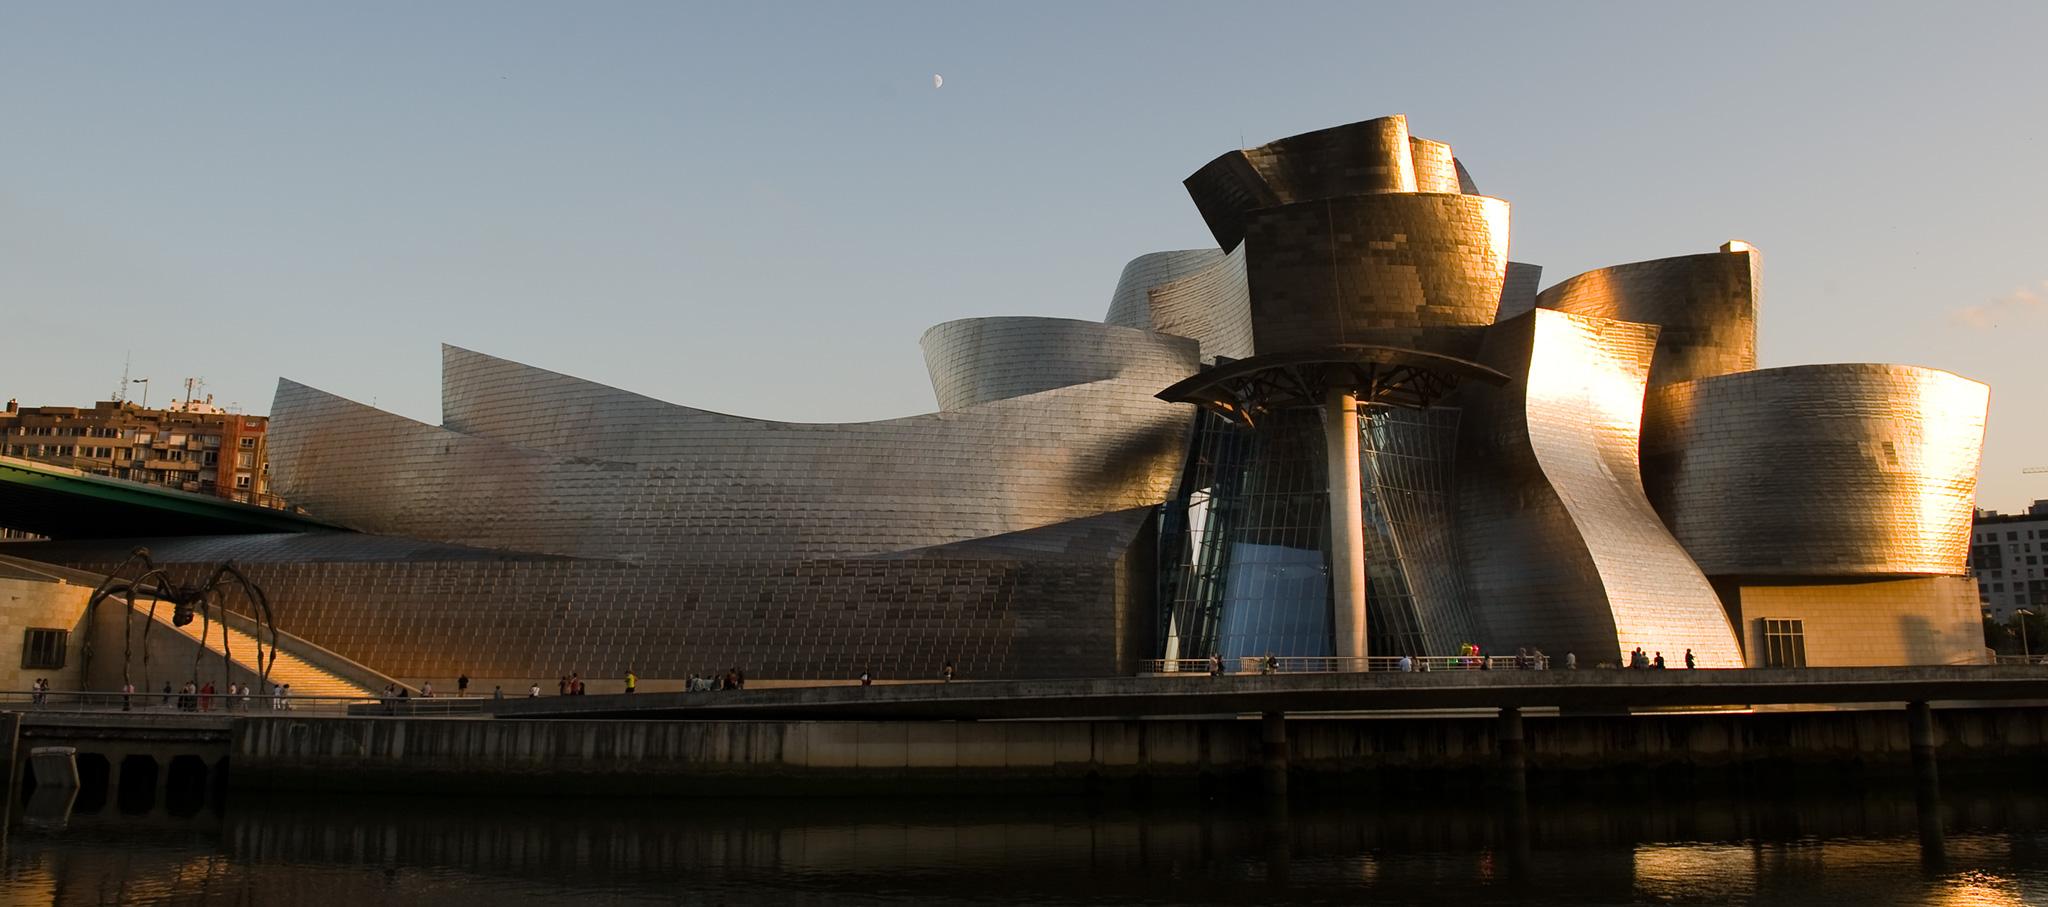 Night view of the Guggenheim Museum Bilbao, 2009. Image courtesy of Guggenheim Museum Bilbao